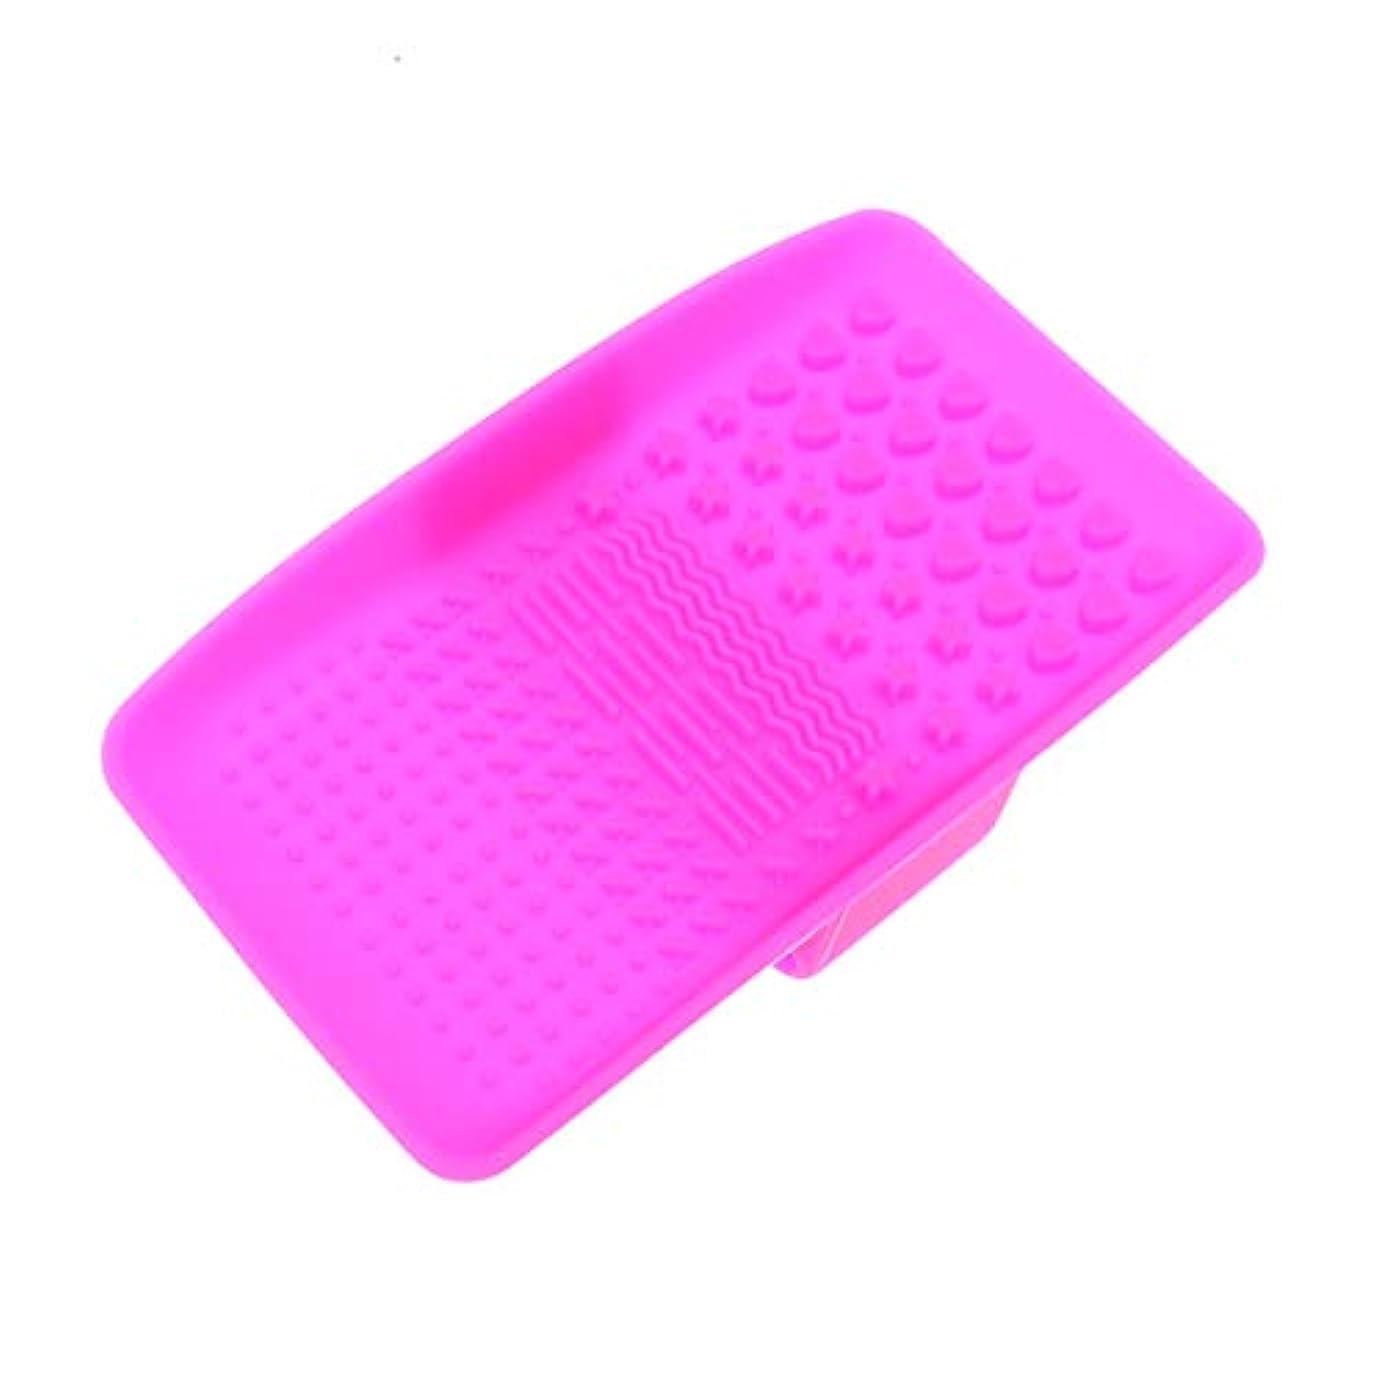 うなずくルーチンエントリBeaupretty 吸引ブラシが付いているシリコーンのブラシのクリーニングのマットの携帯用化粧品のブラシの洗剤